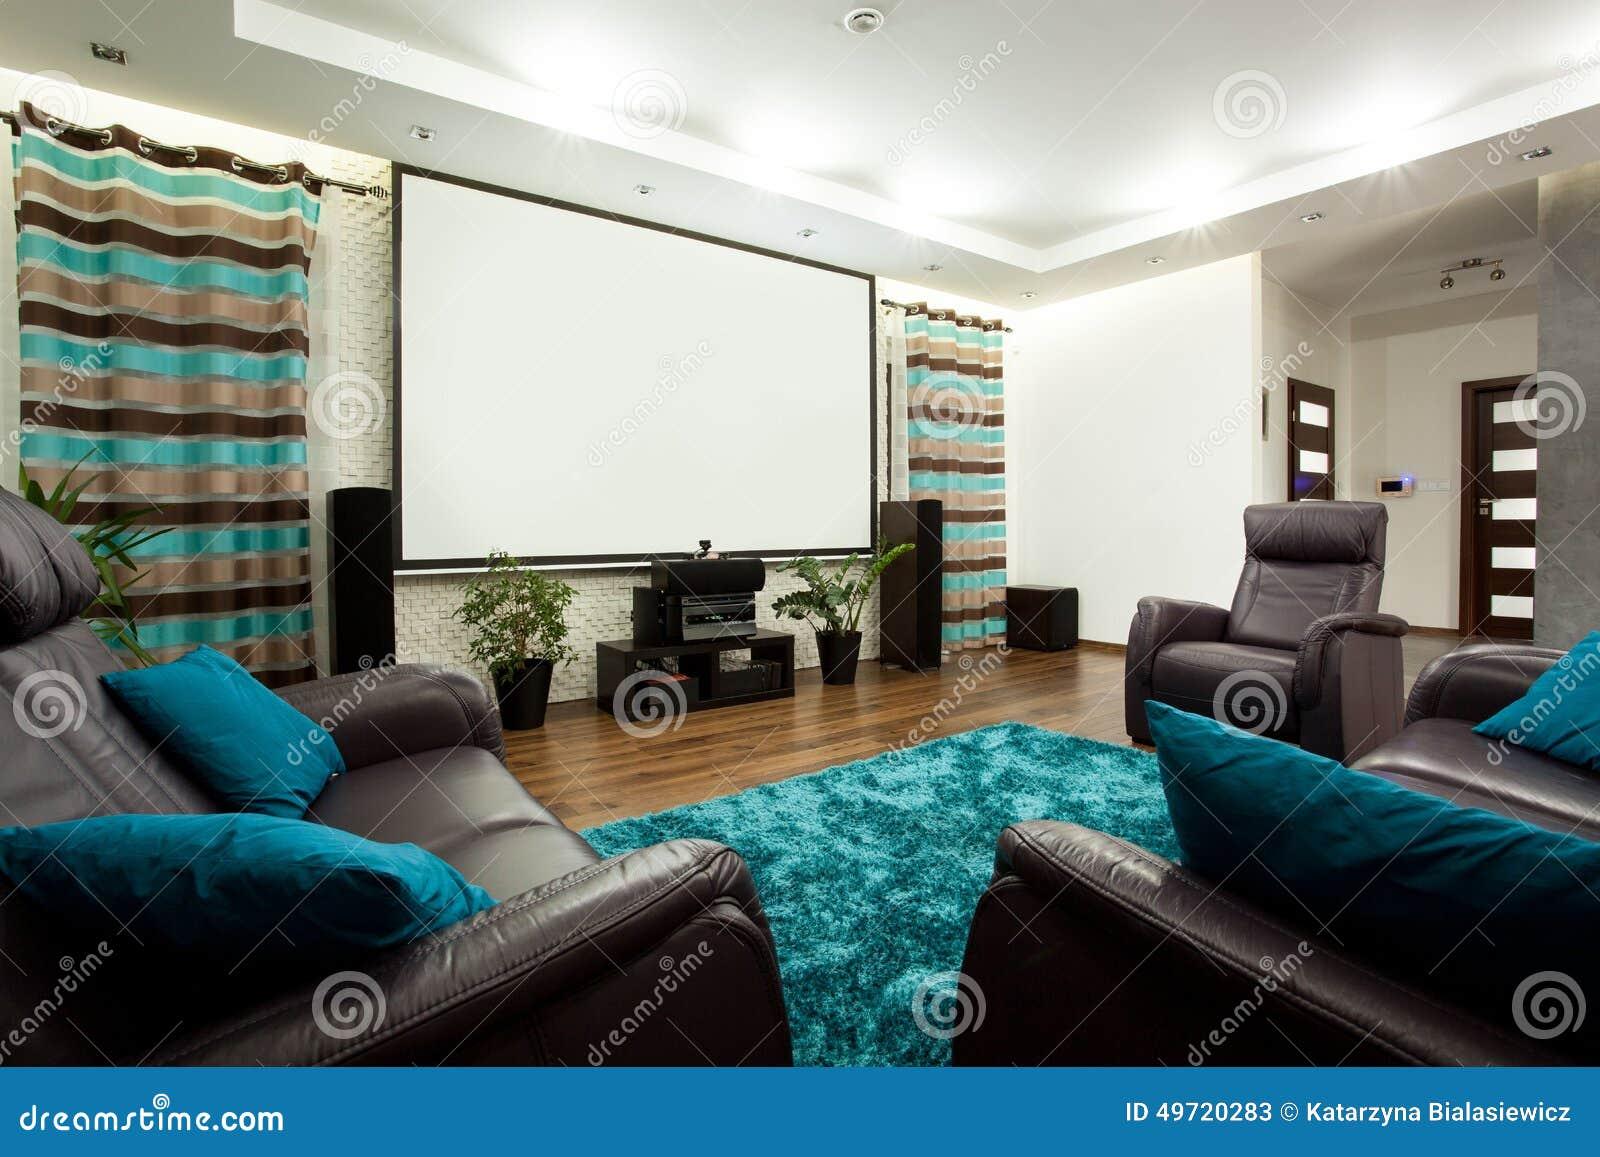 Filme Dentro Da Casa pertaining to teatro de filme na casa moderna imagem de stock - imagem de